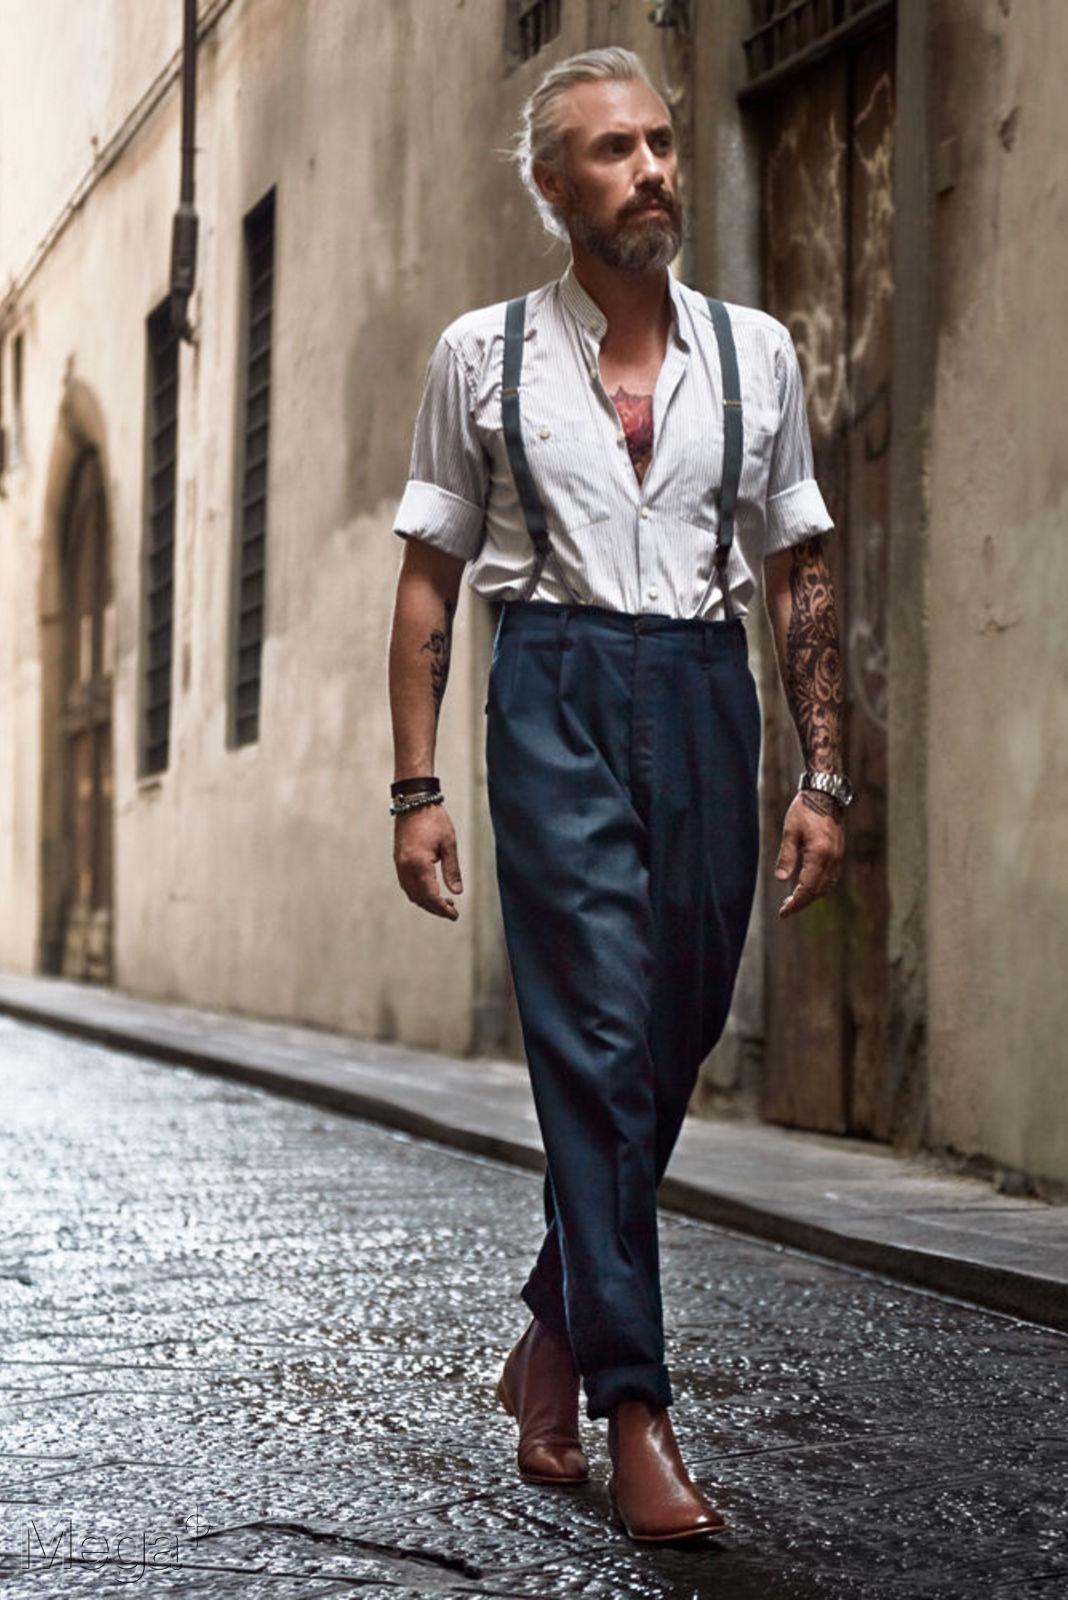 Alexandre Schuster Mega Model Agency